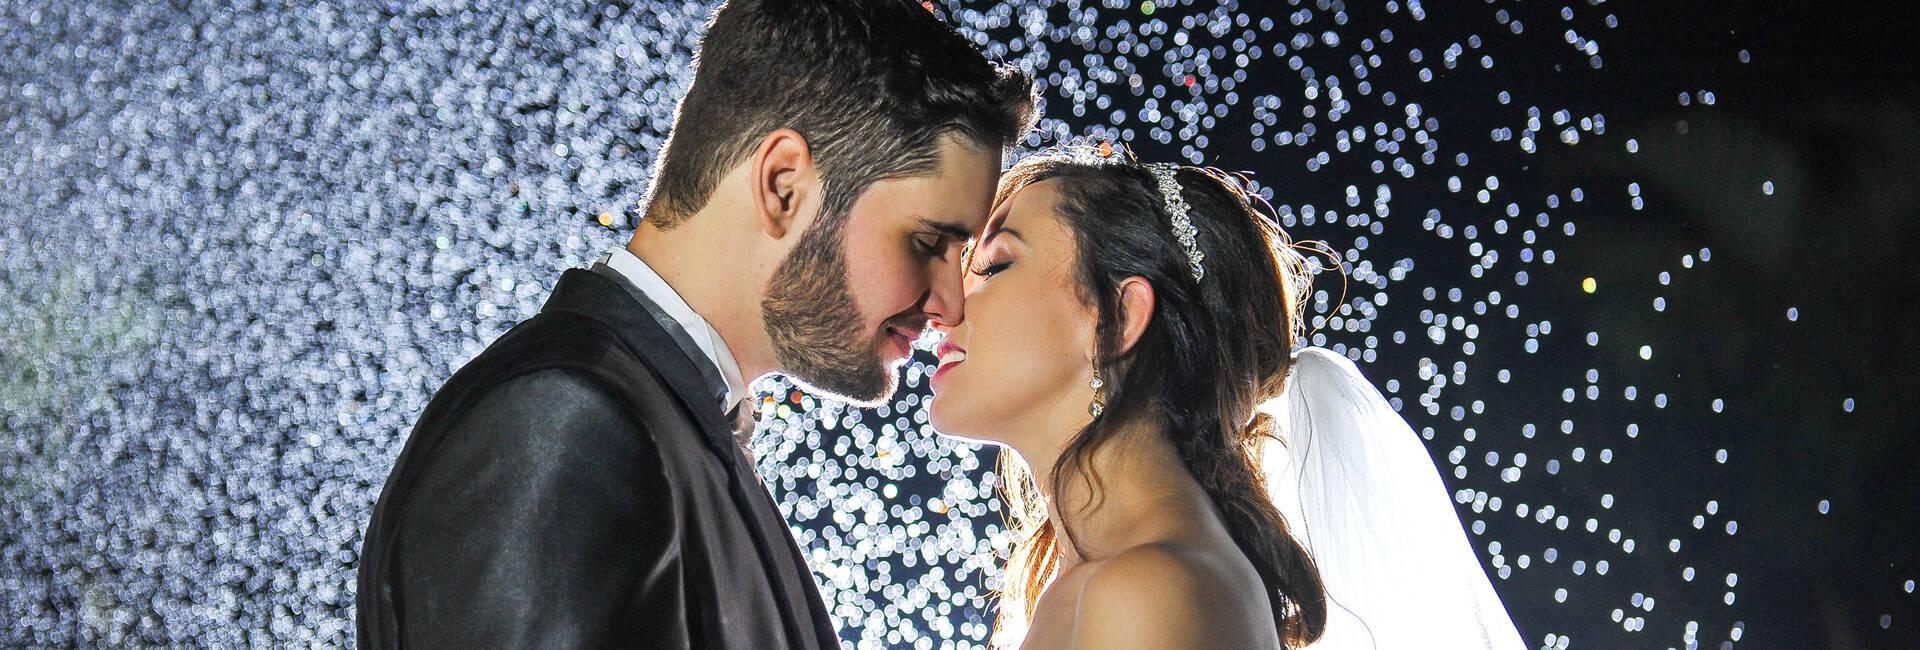 Casamento de Lilian + Thiago